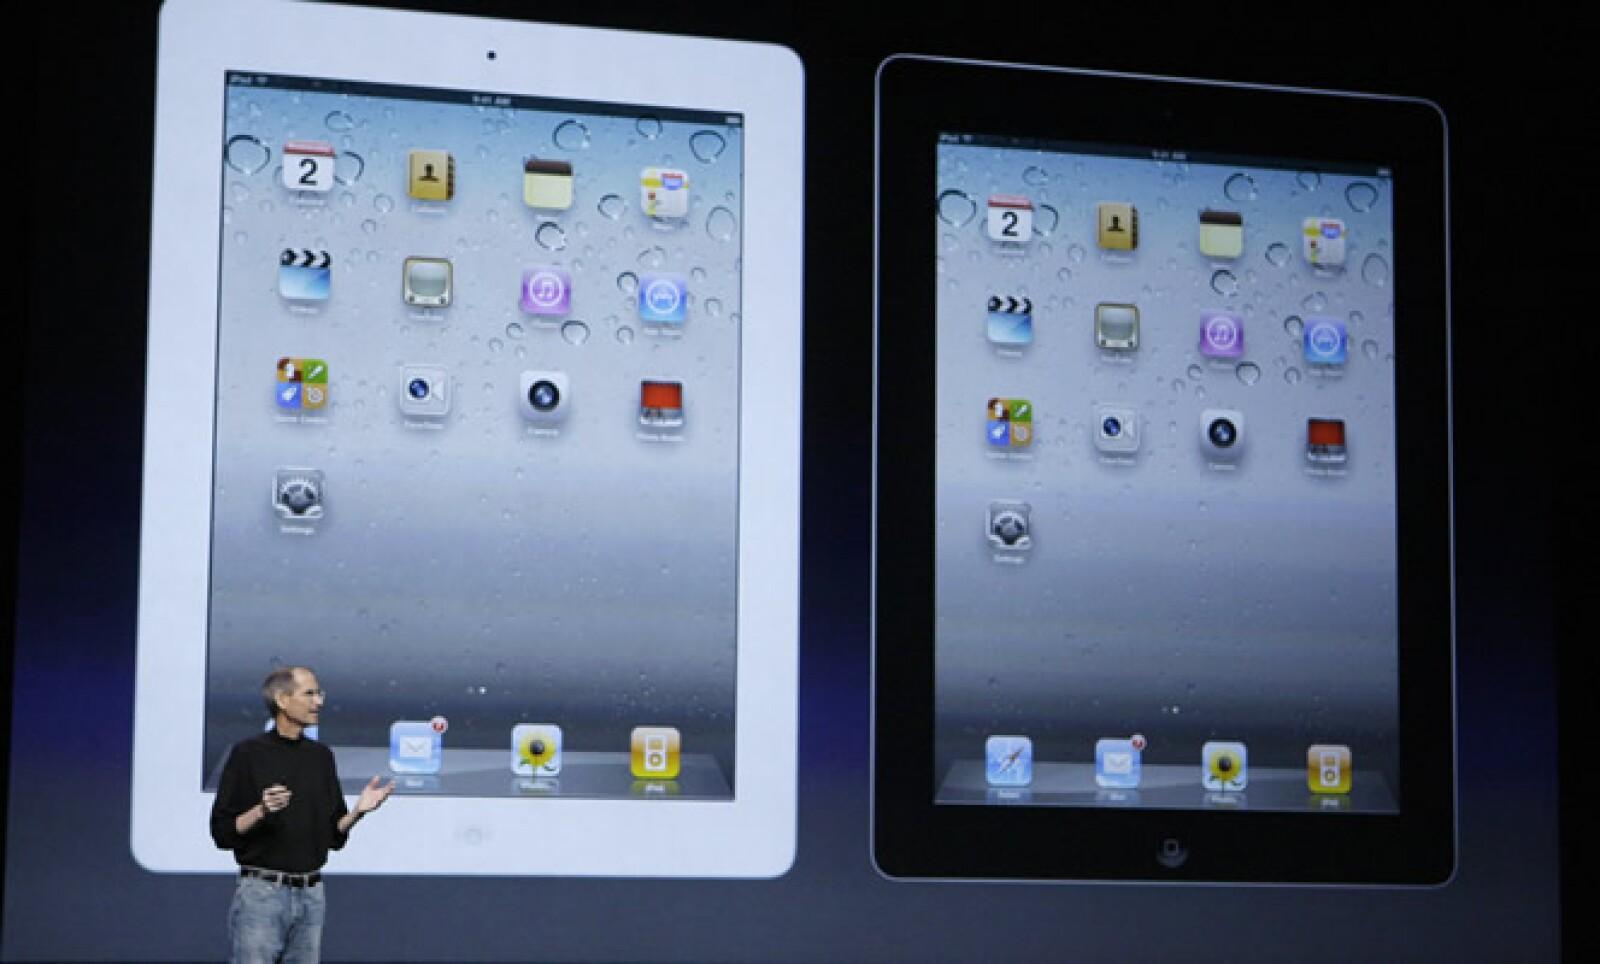 La iPad 2 vendrá en color negro y blanco. Jobs prometió que se distribuirán ambas al mismo tiempo. Nada quiere otro chasco como el color blanco del iPhone 4.